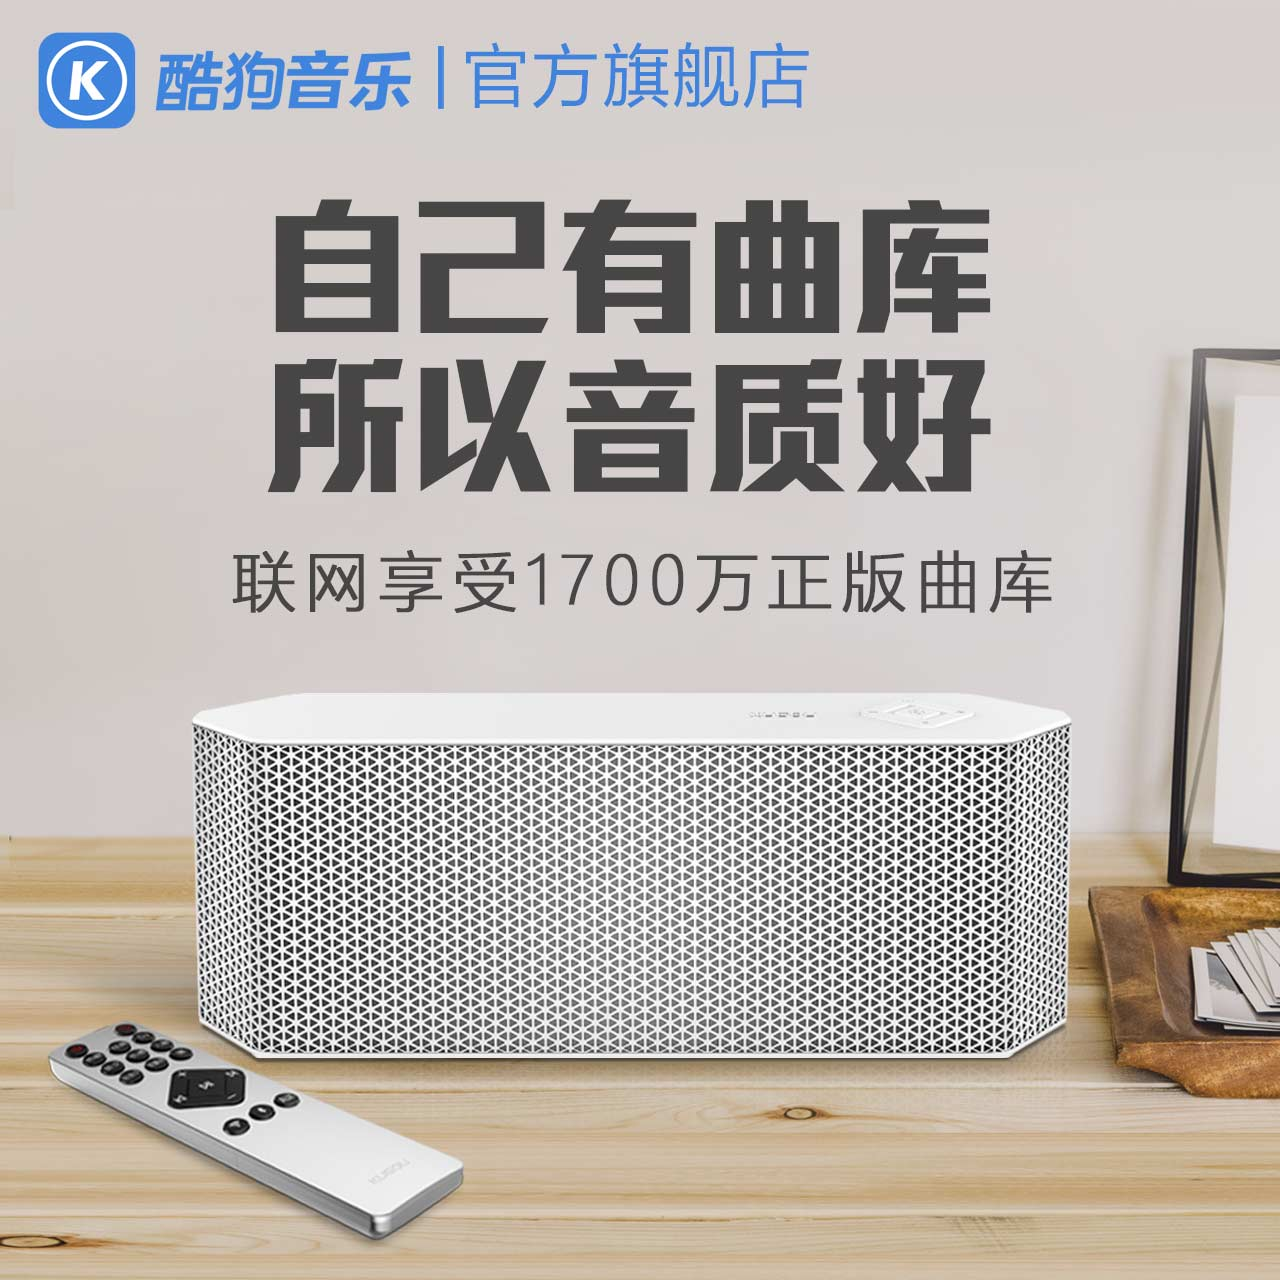 酷狗kugou 潘多拉互联网蓝牙音箱 台式网络音响 智能无线wifi音箱